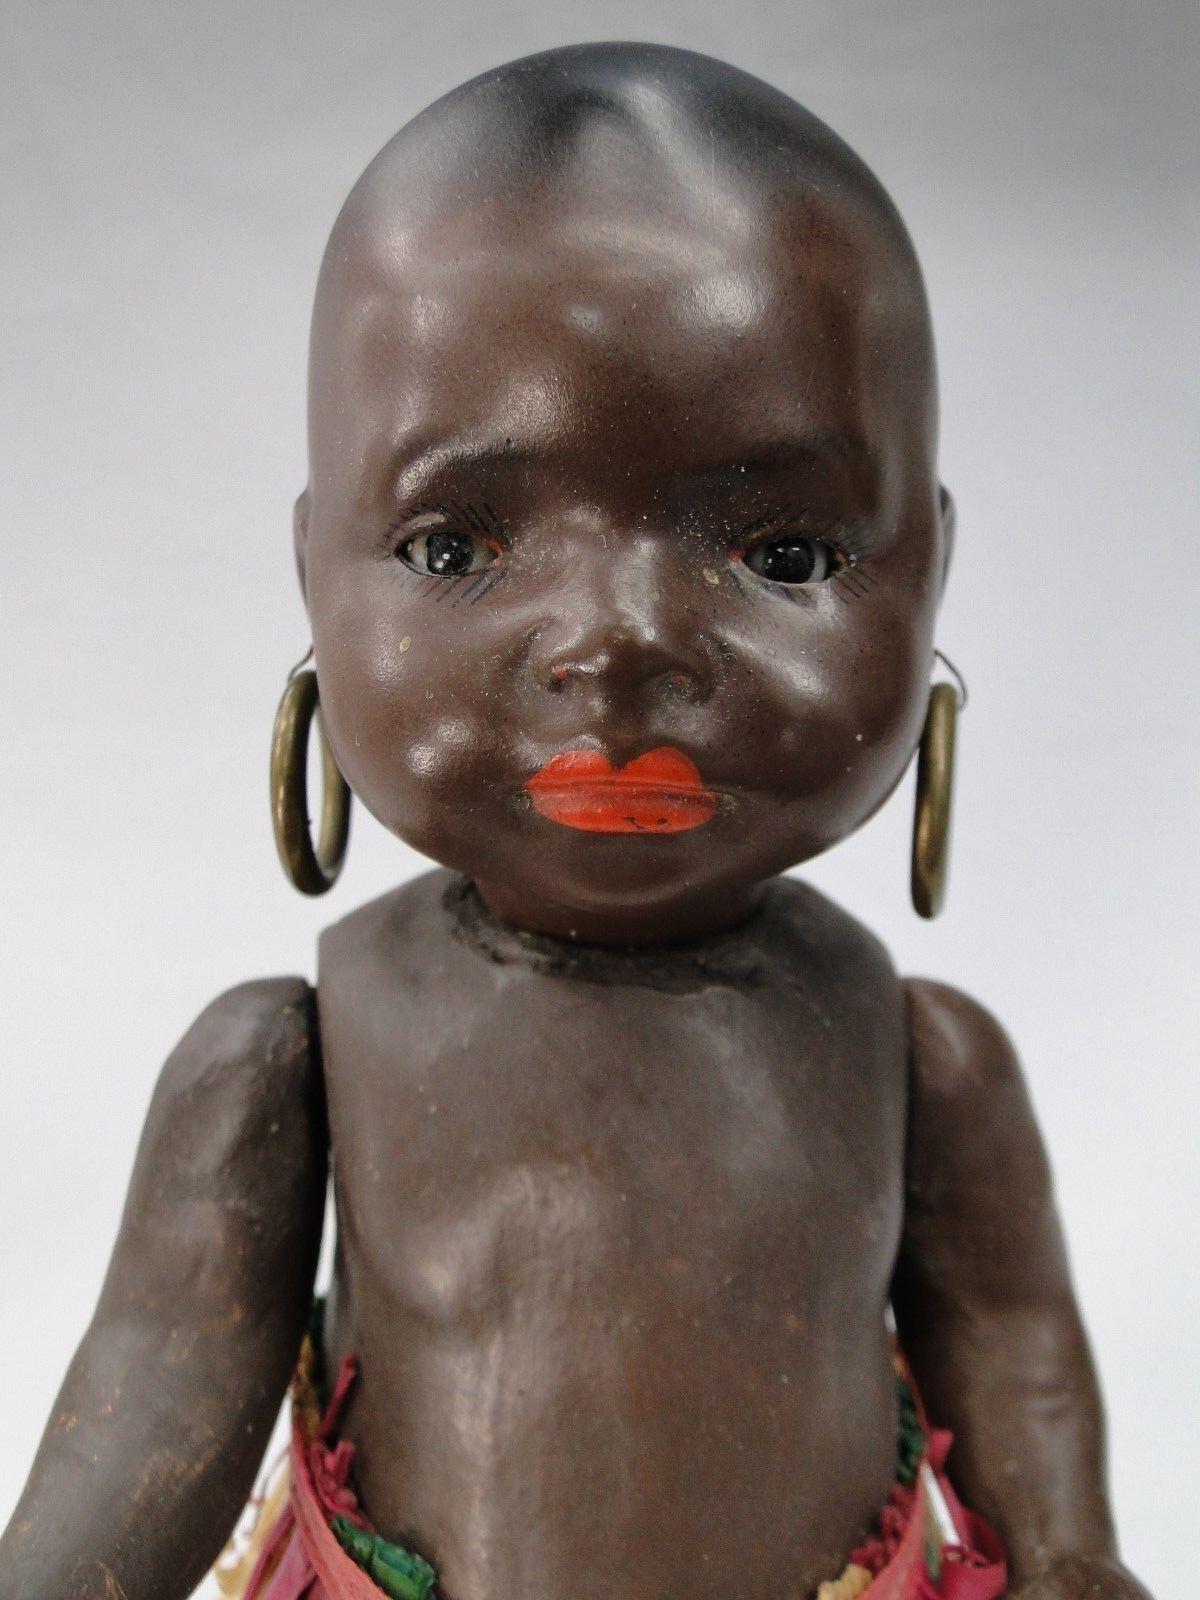 PETIT BEBE CARACTERE schwarz schwarz schwarz Ca. 1920 HEUBACH KÖPPELSDORF 399.16 0 TETE BISCUIT 357ef4